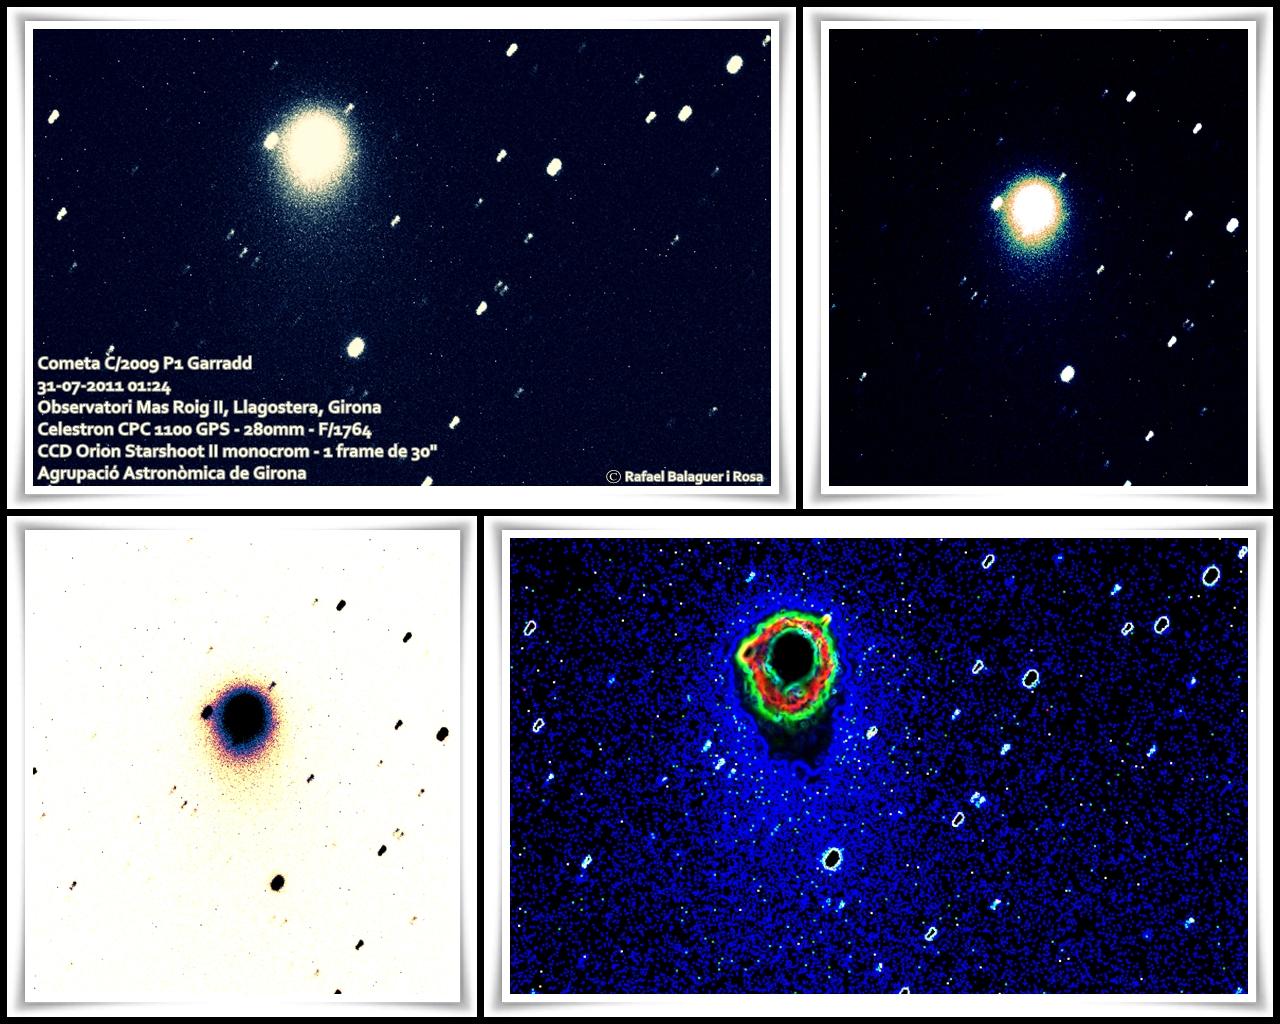 Cometa C/2009 P1 Garradd